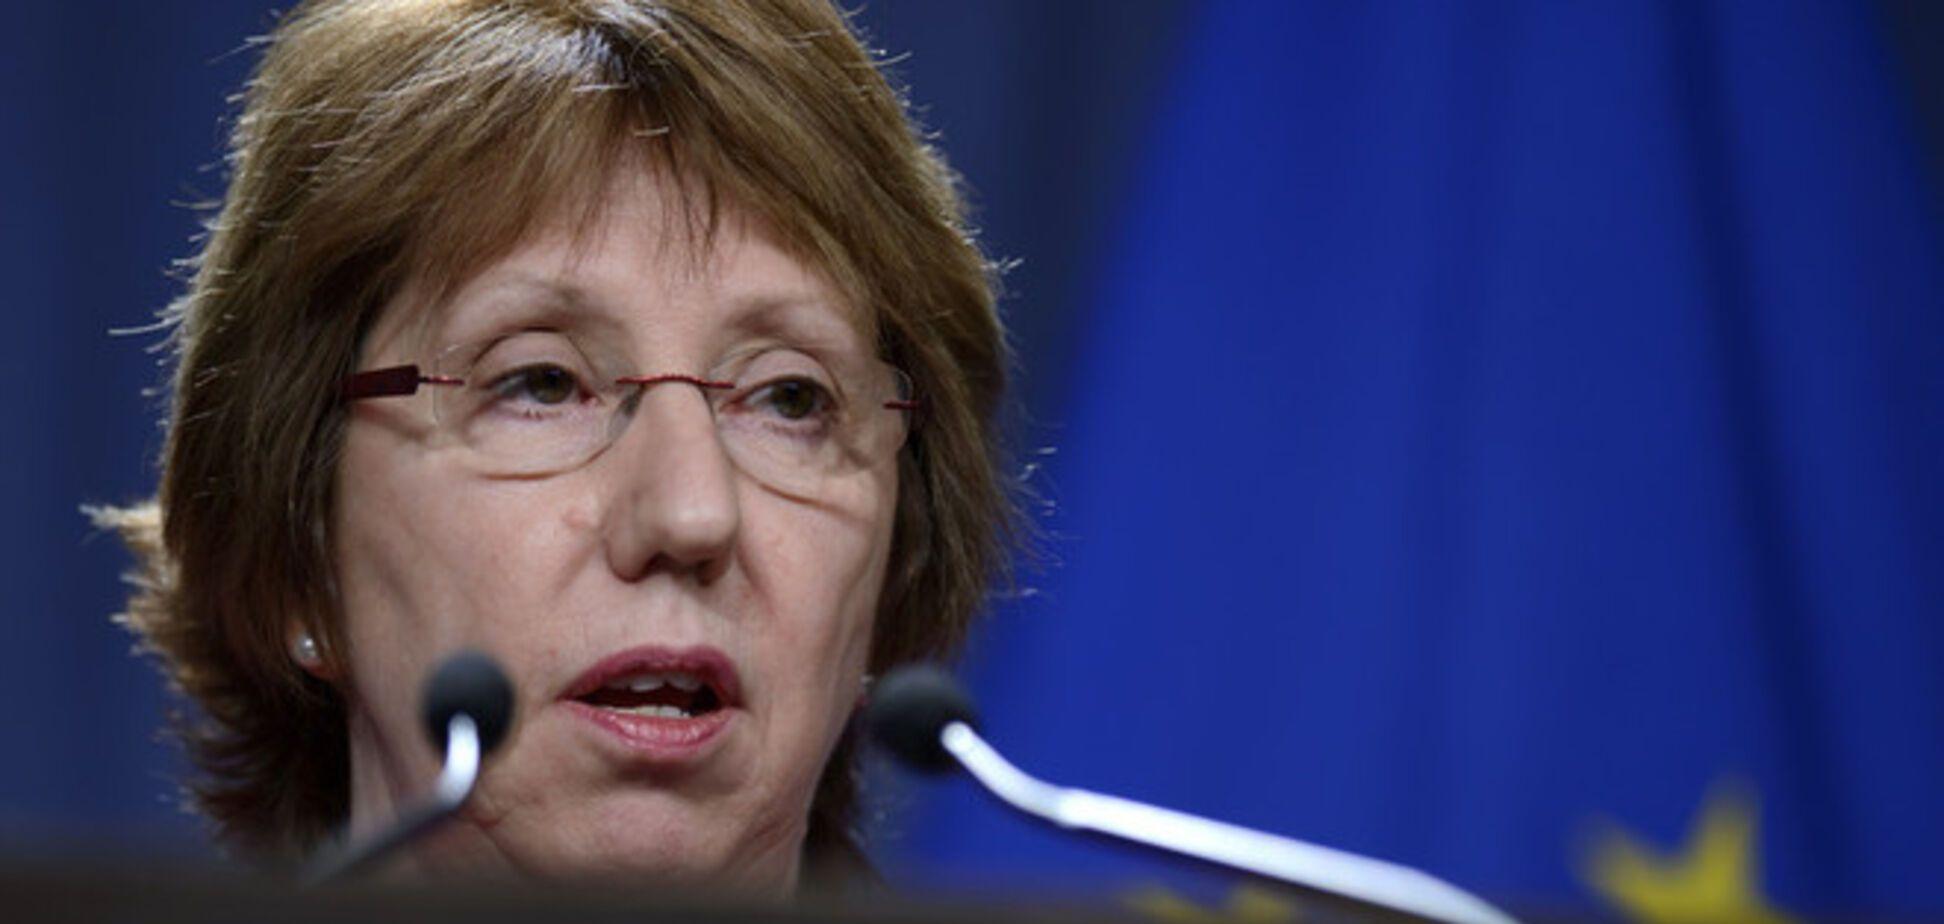 Ештон закликала Київ до 'розсудливості' при проведенні АТО